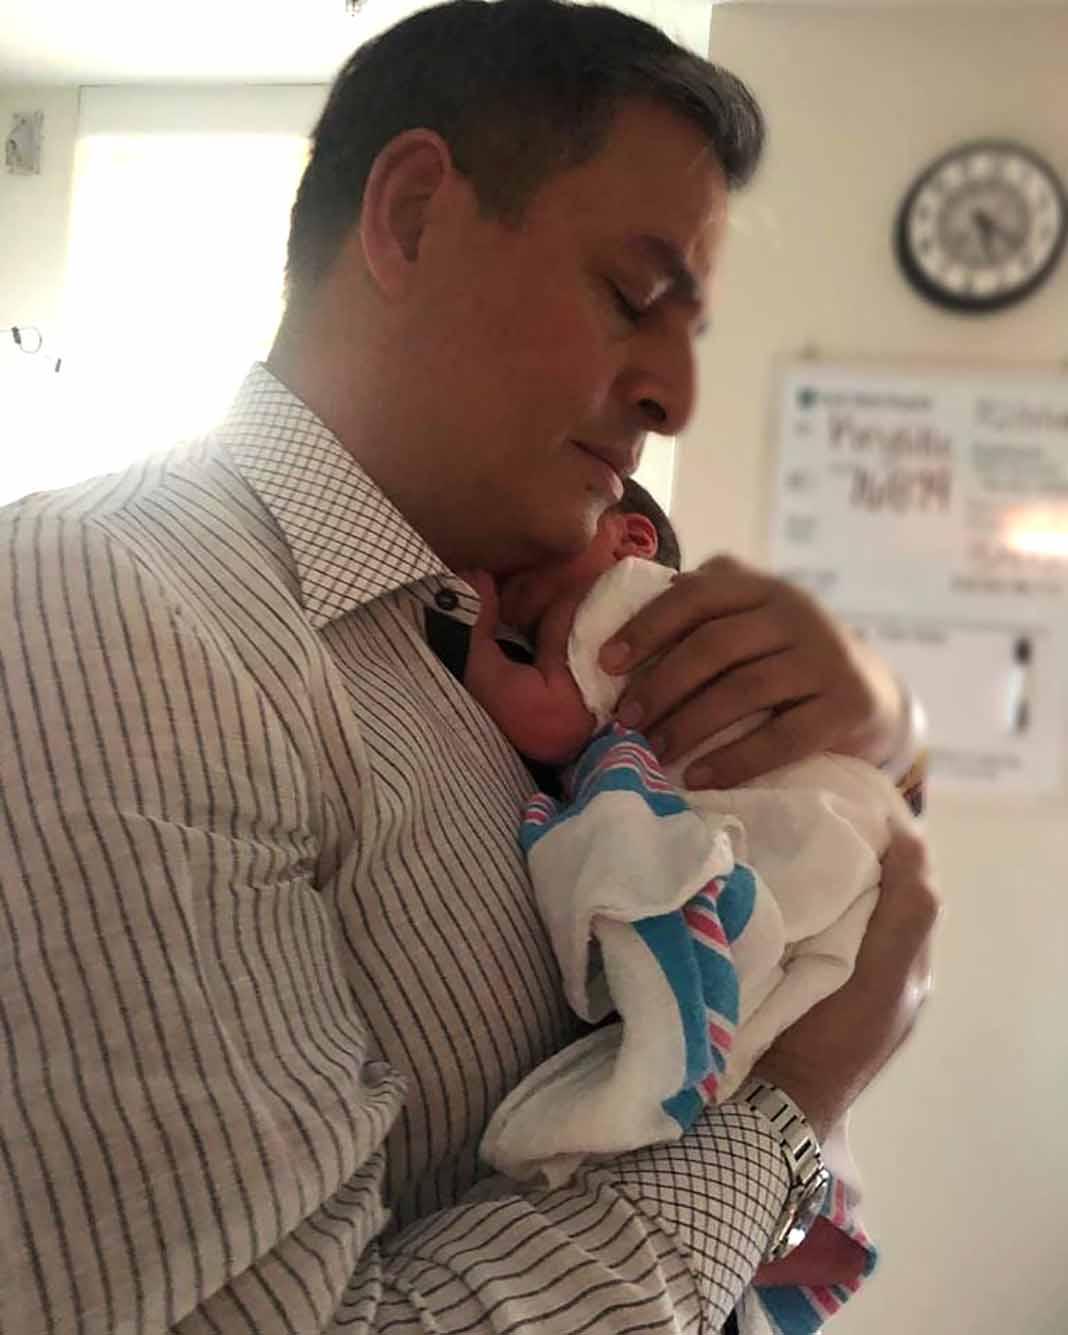 ¡Qué bonita foto de Dani con su hijito!